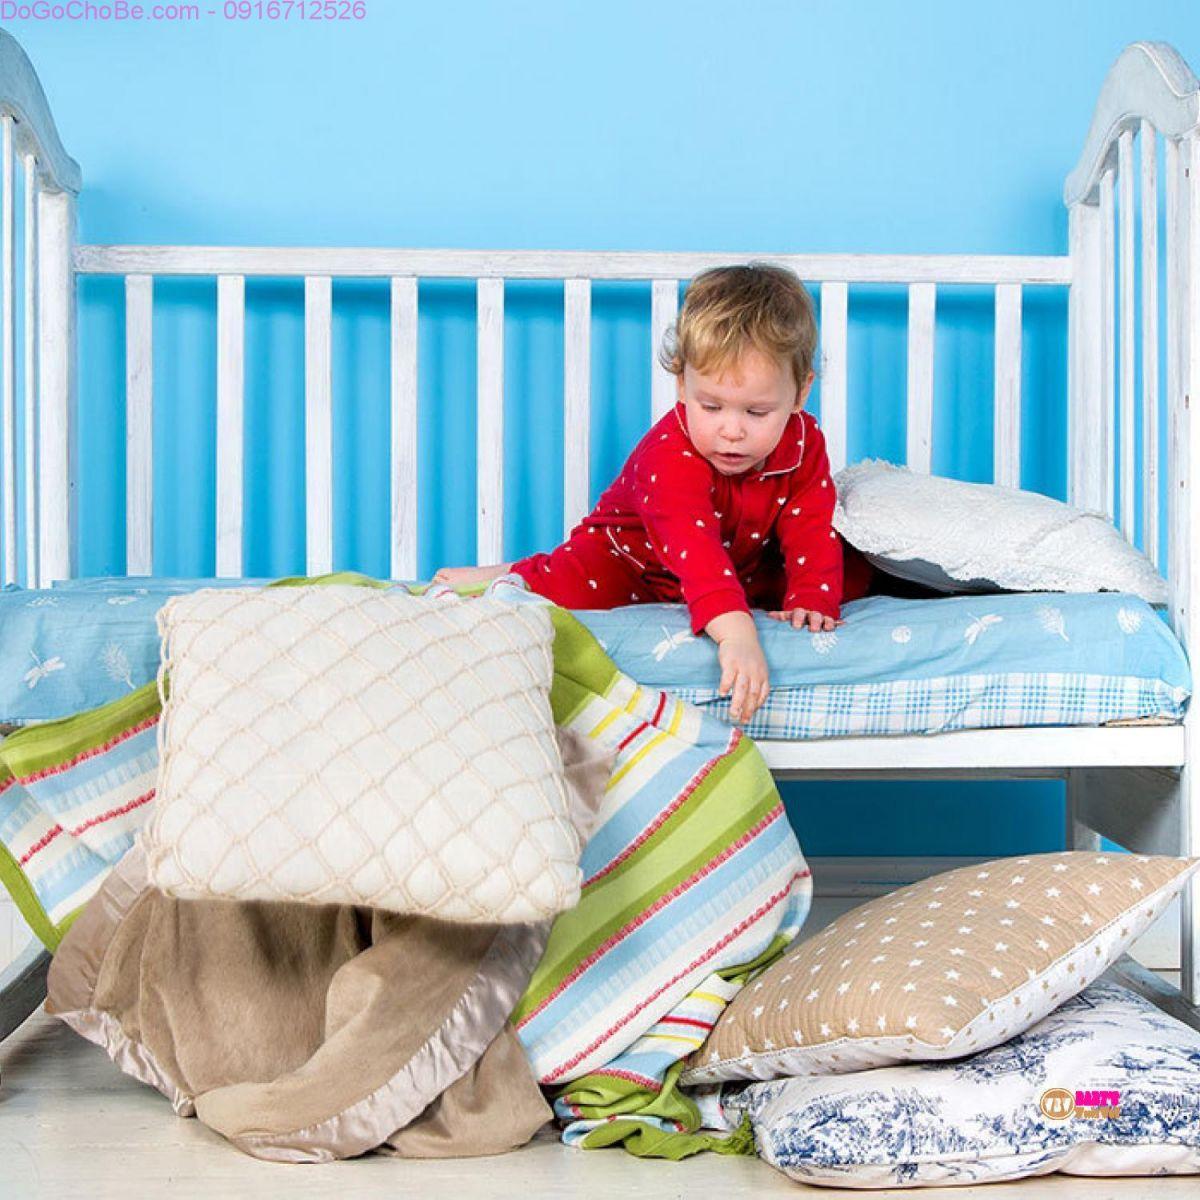 Bé lớn lên vẫn cho ngủ cũi làm ảnh hưởng đến cột sống của trẻ.